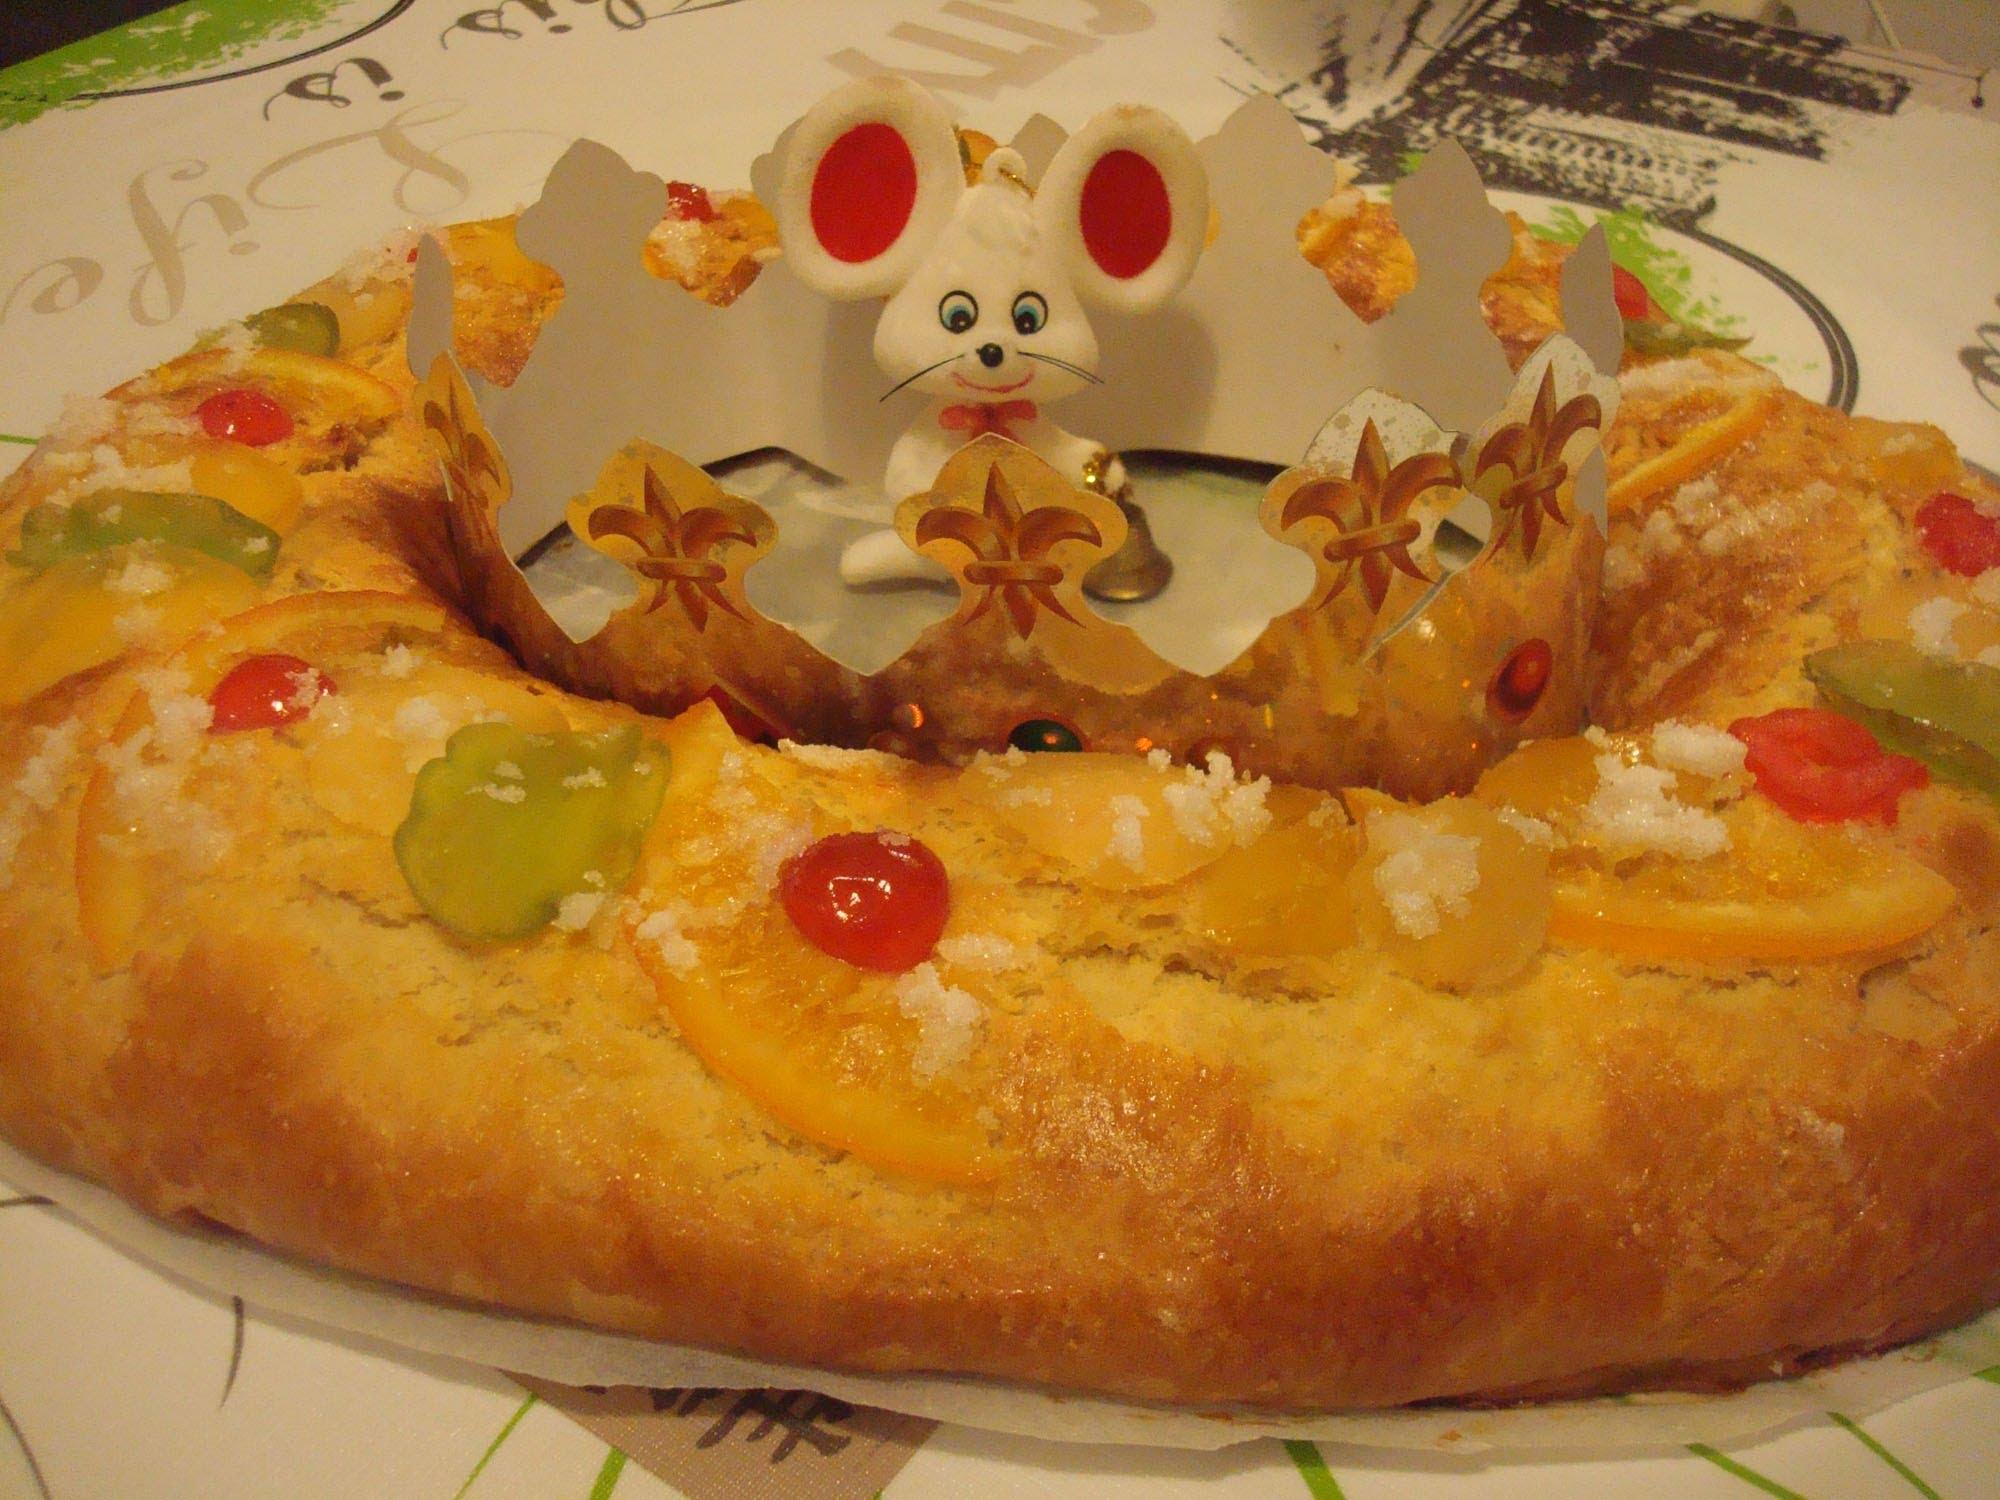 Como Hacer Roscon De Reyes Casero Receta Riquisimo 172 Ring Shaped Cak Roscon De Reyes Casero Recetas De Cocina Recetario De Cocina